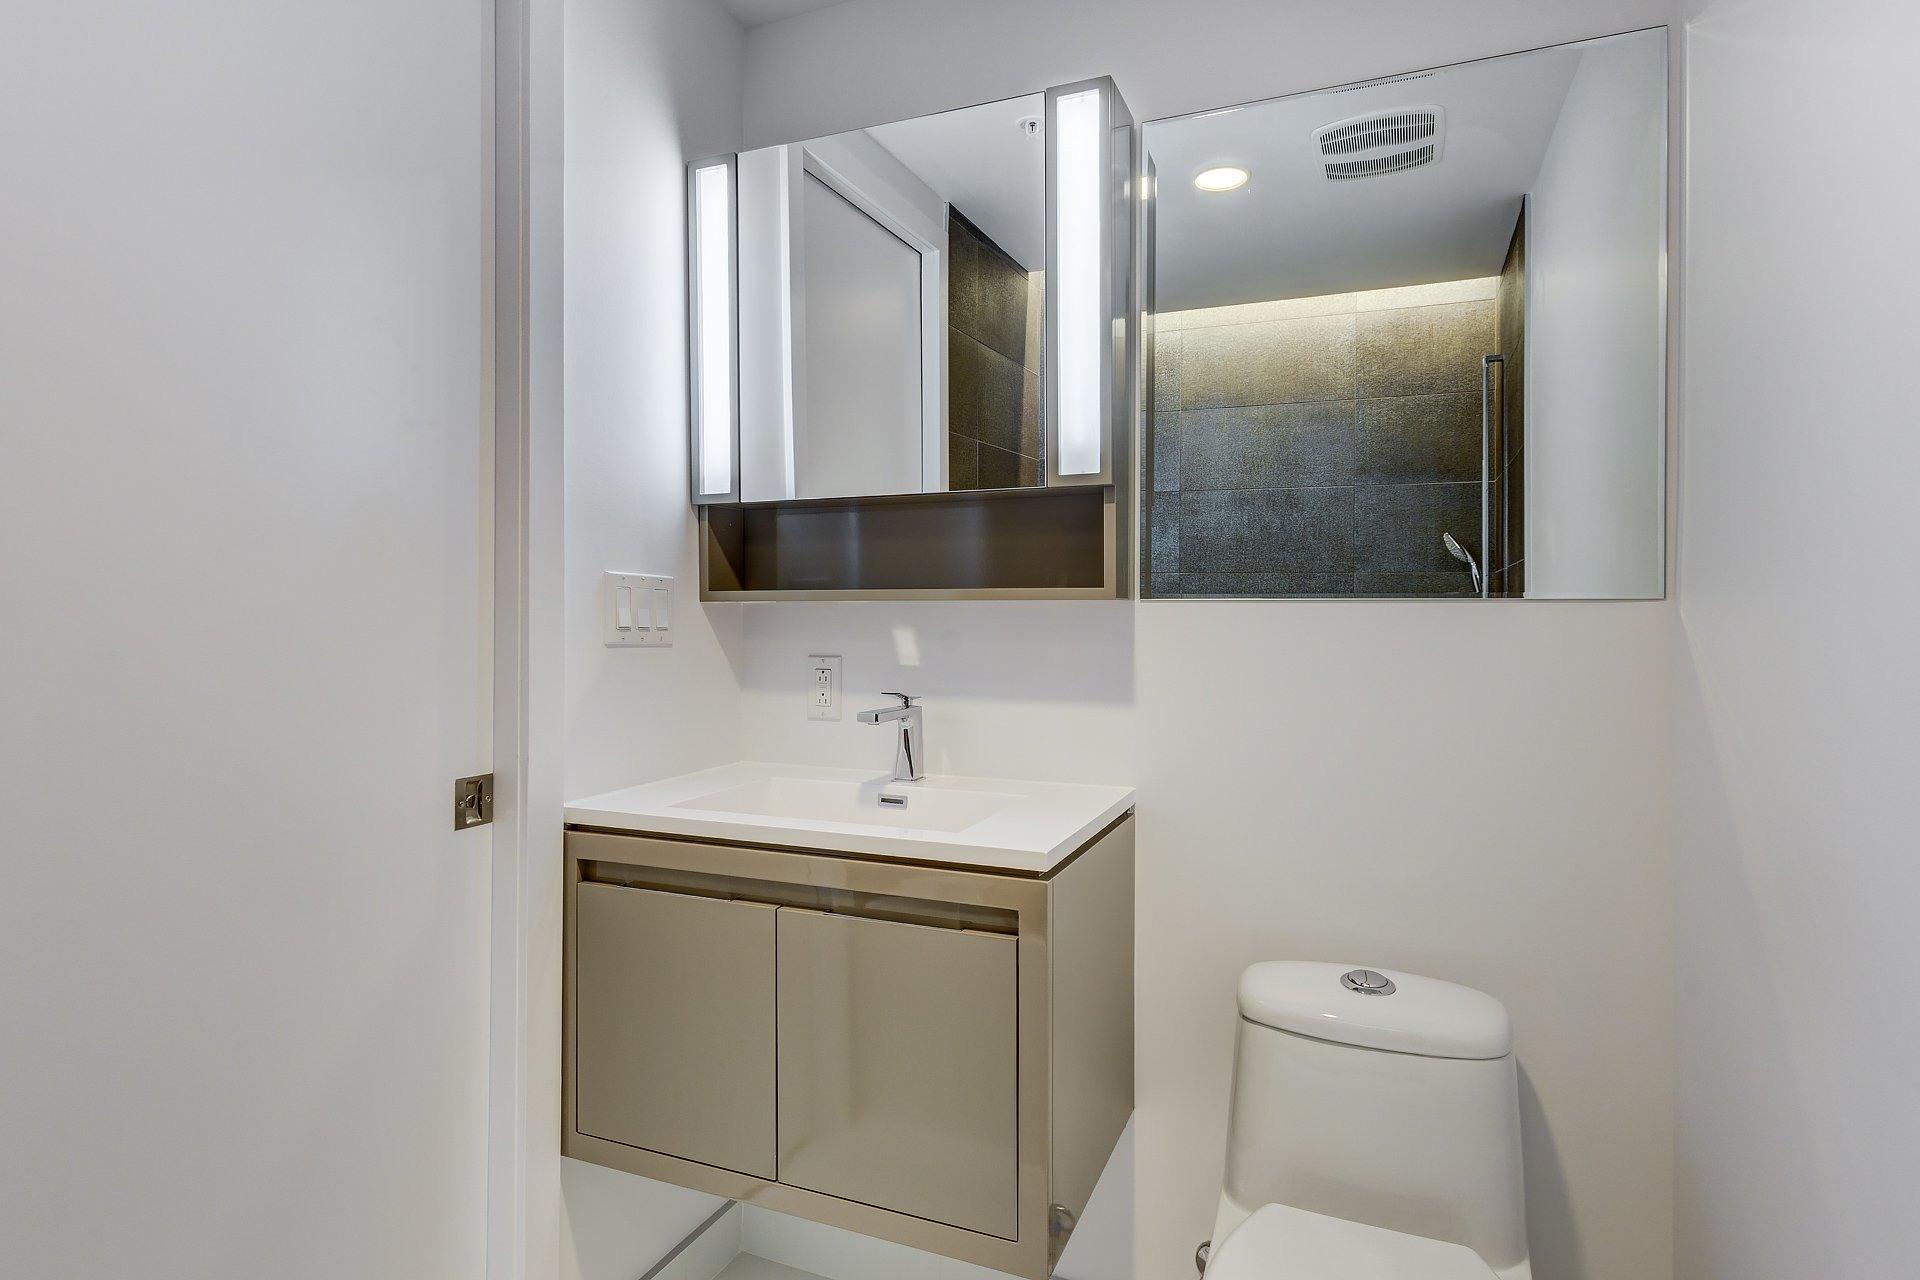 image 13 - Apartment For sale Ville-Marie Montréal  - 4 rooms